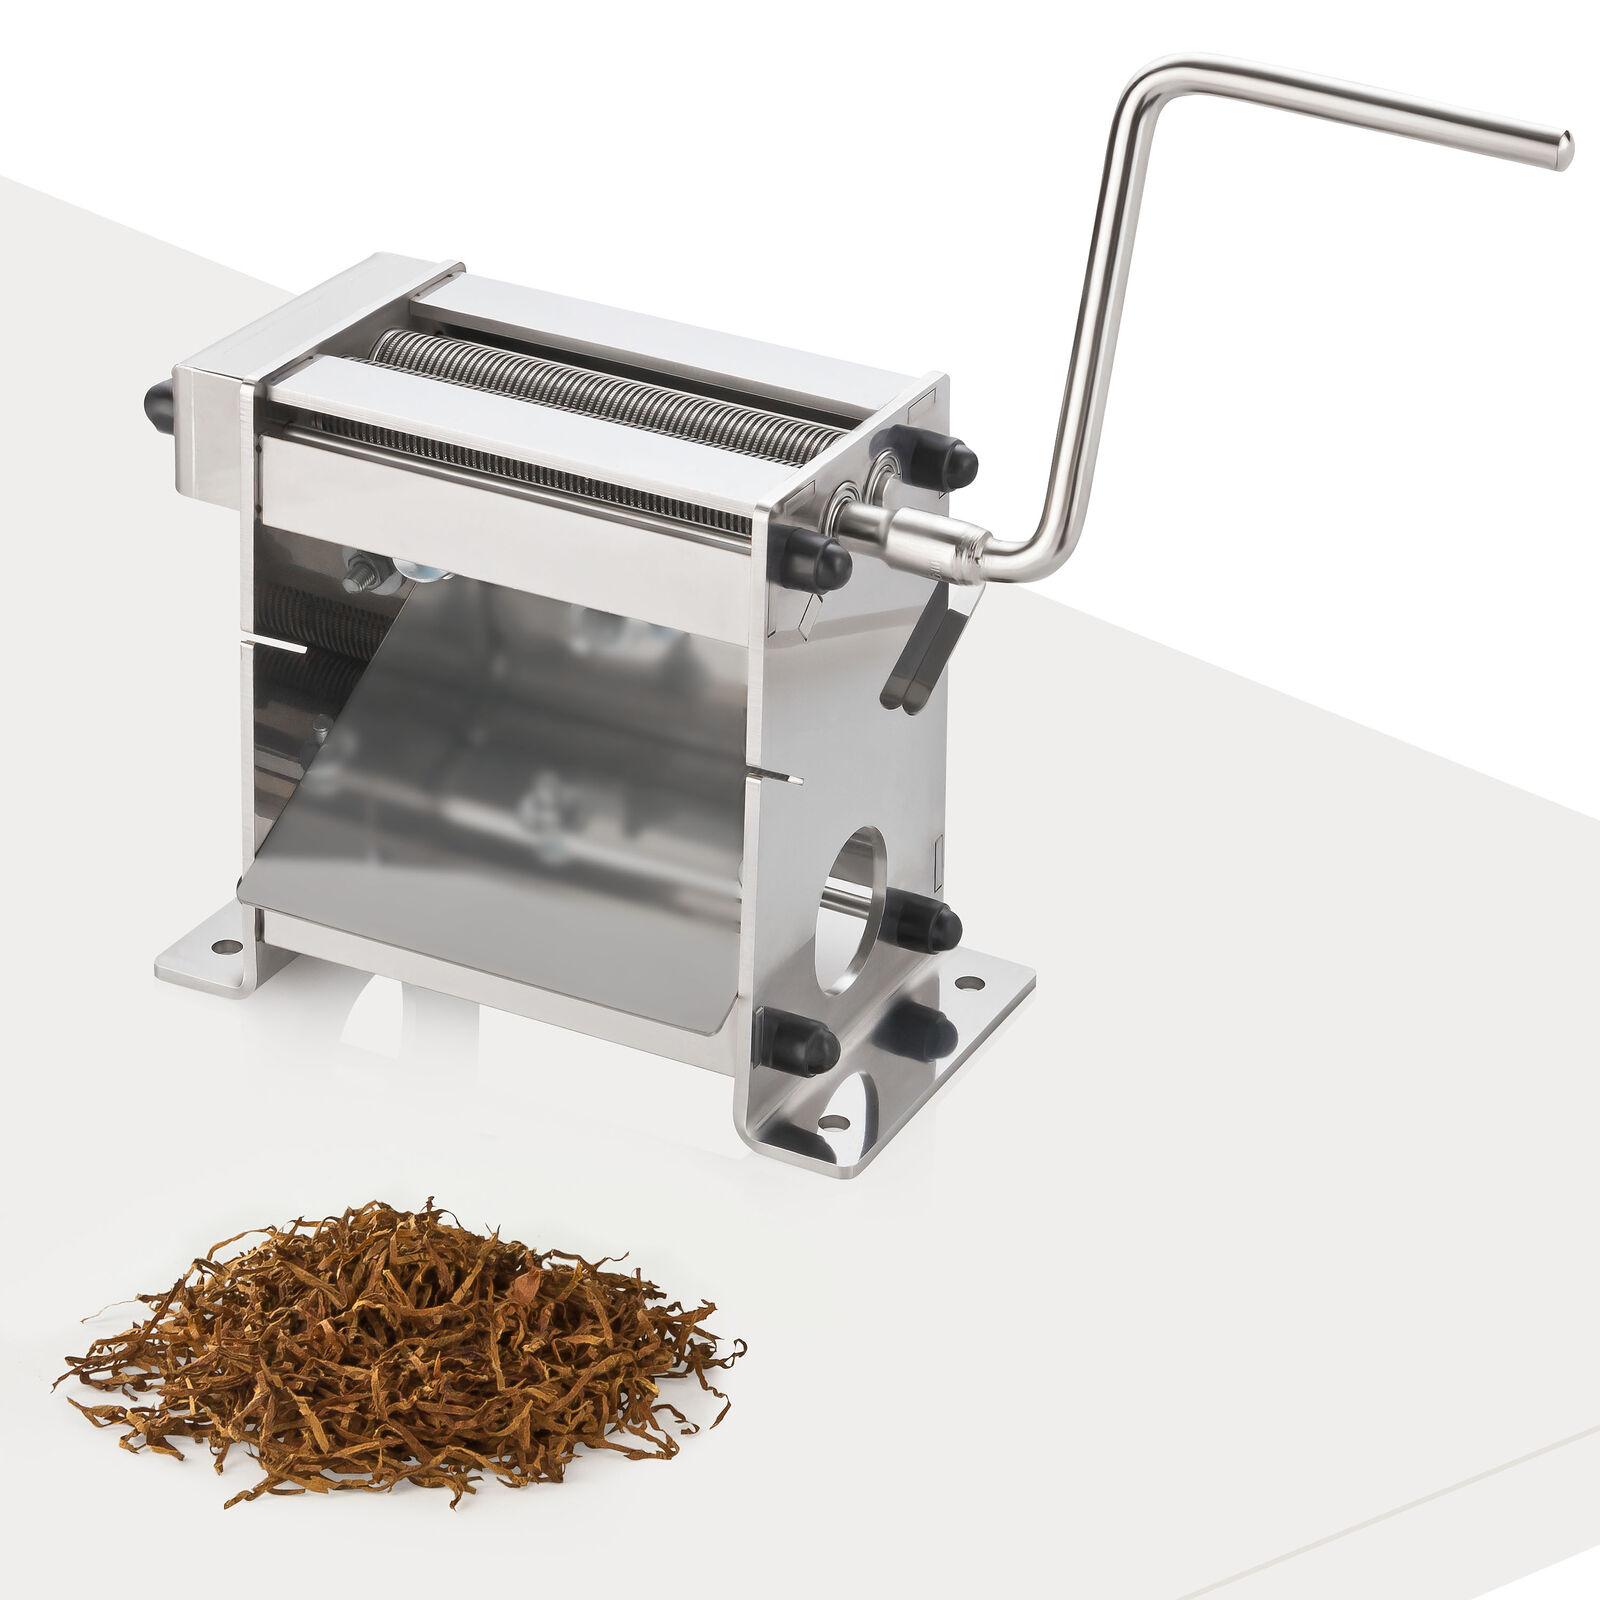 TC-100 Plus Kugellager 0,8mm Tabakschneider Tabakschneidemaschine Tabakblätter